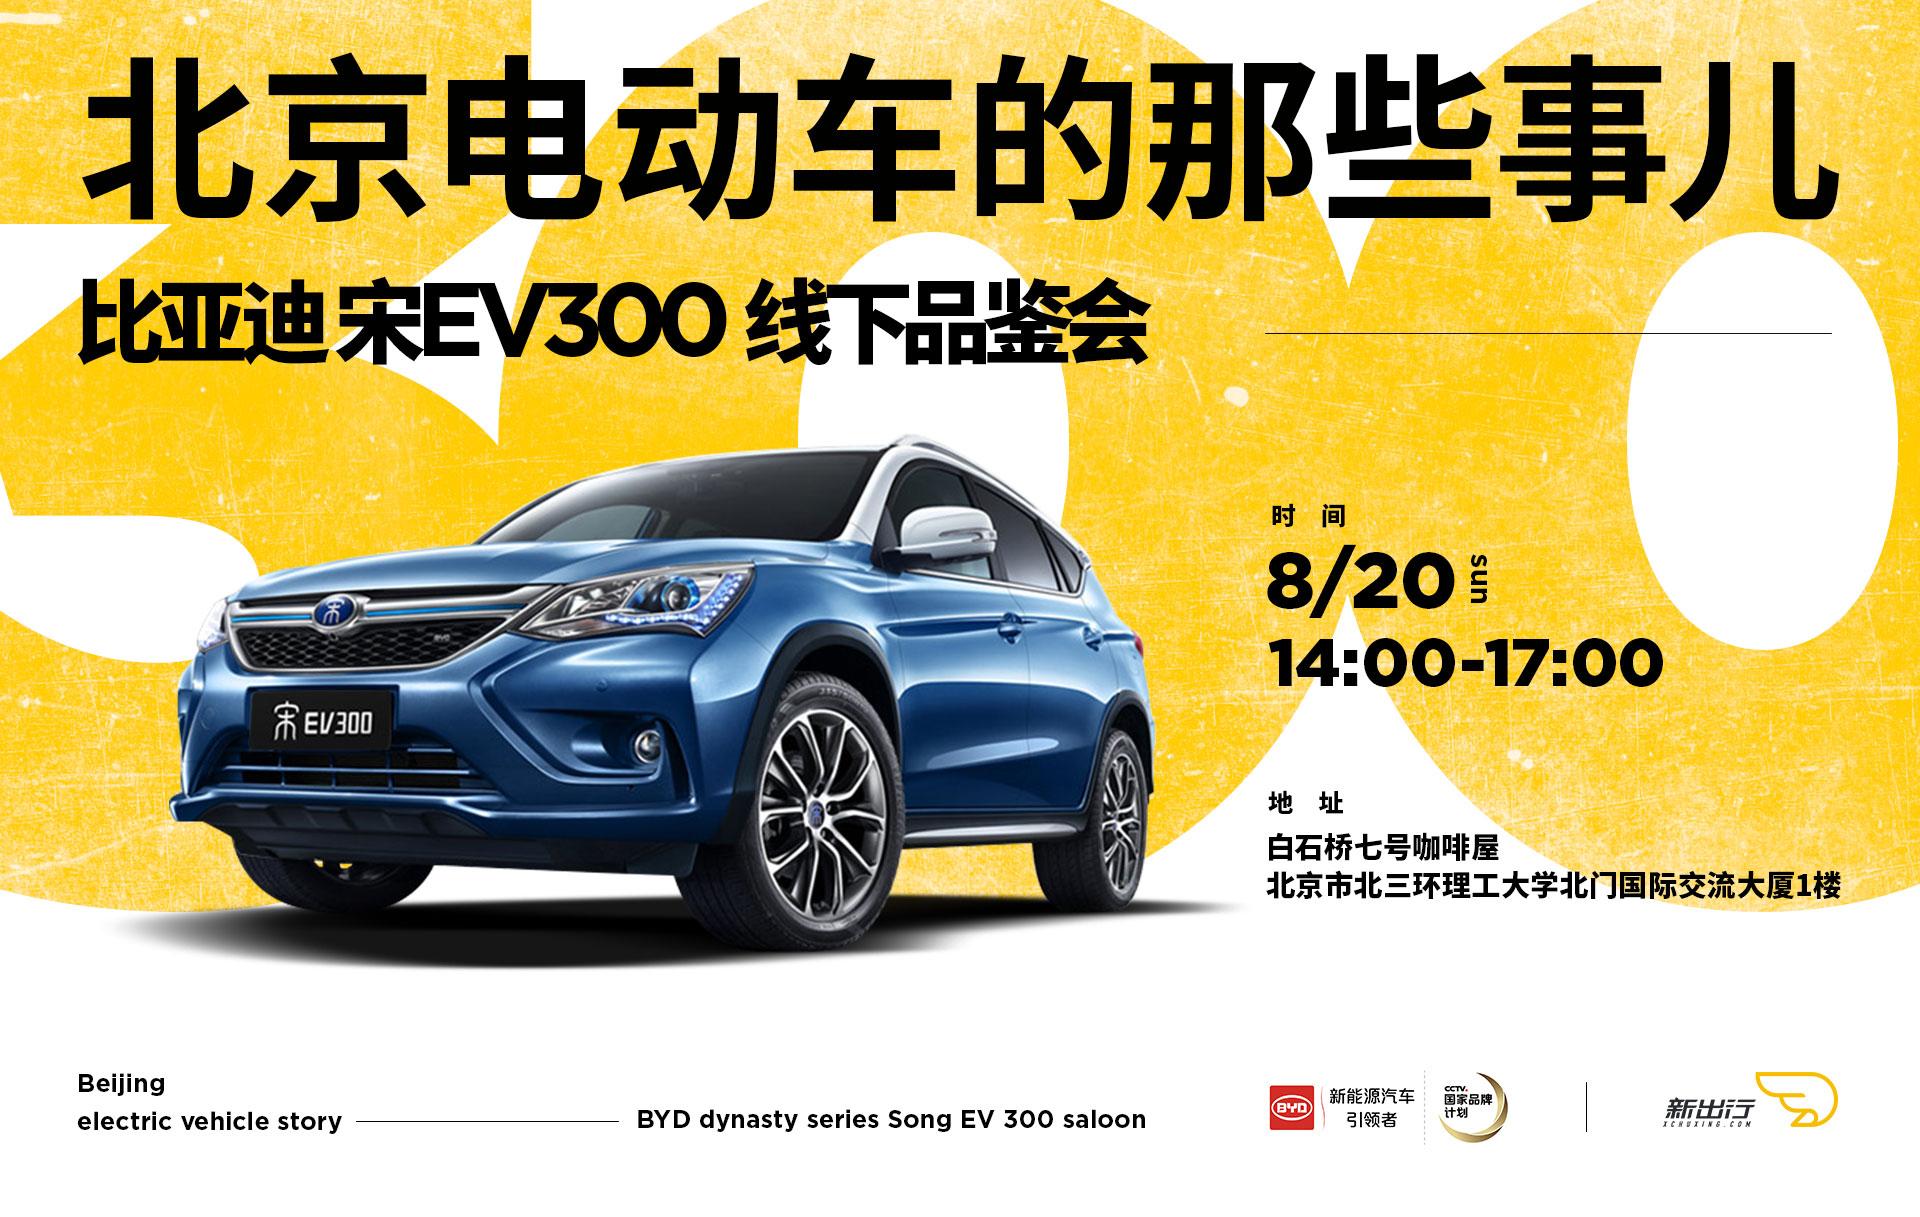 沙龙招募丨聊聊北京电动车的那些事儿 宋EV3